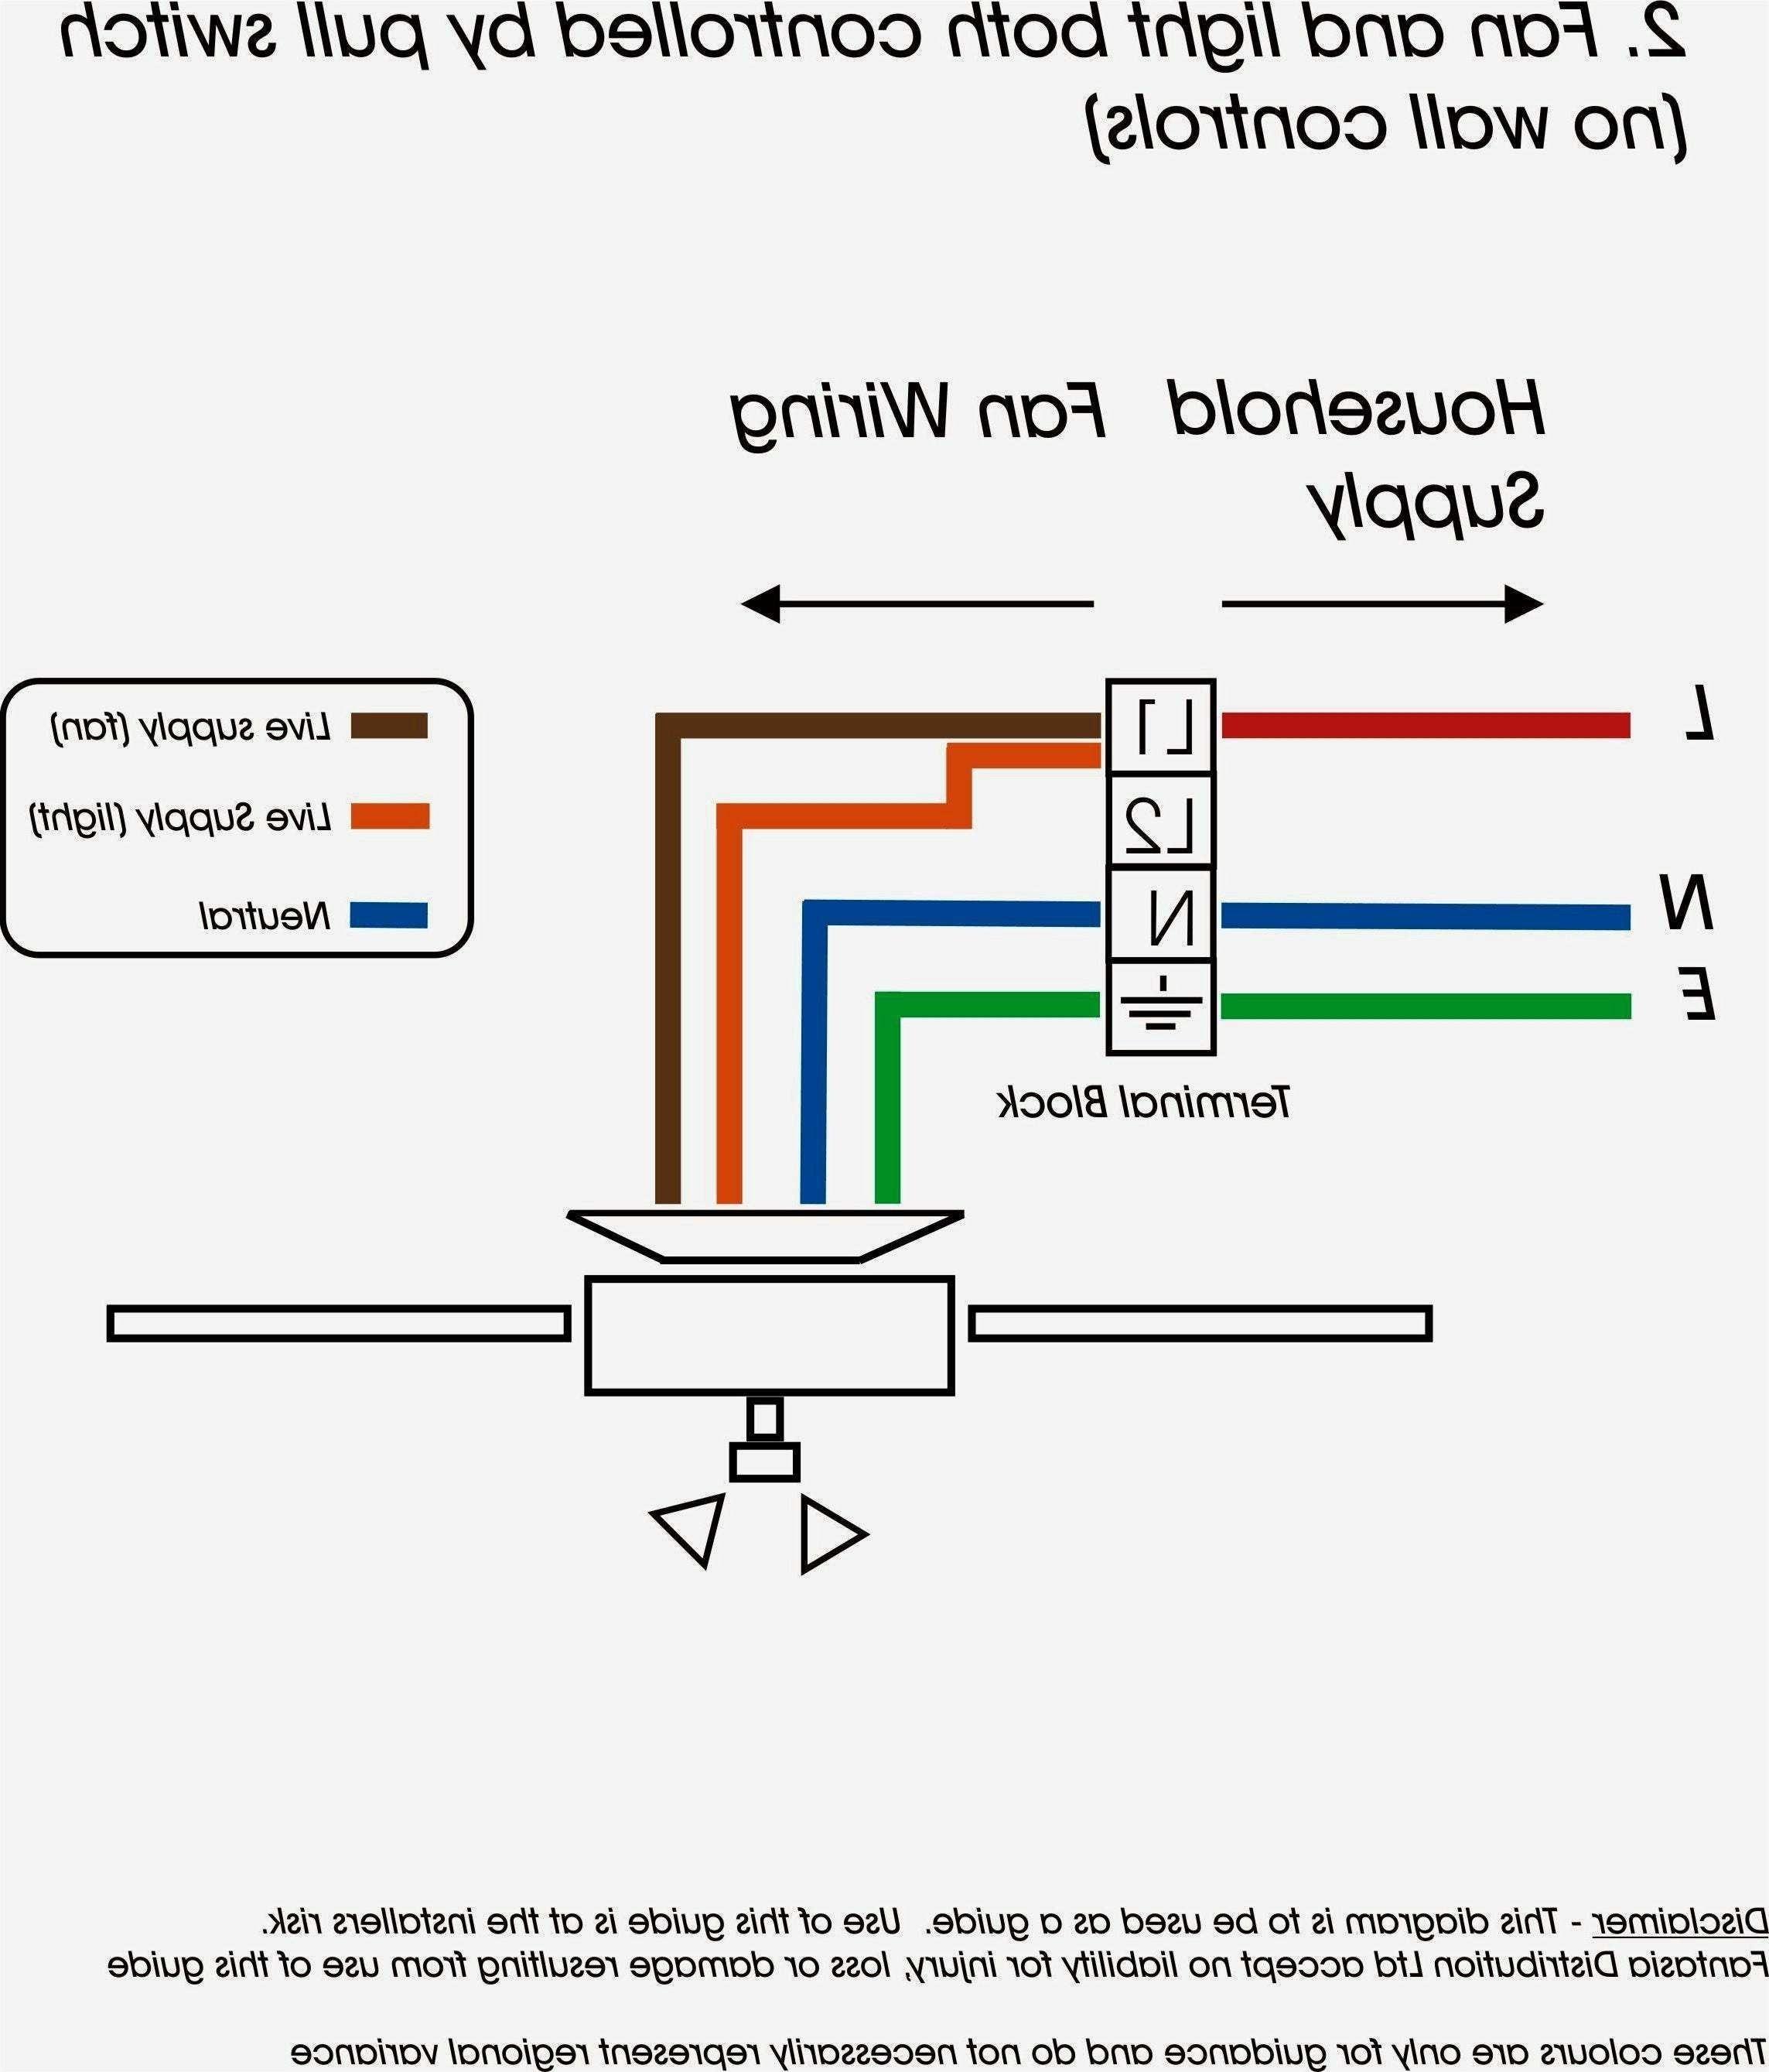 Car Voltmeter Wiring Diagram Fg 9586] Wiring Diagram Autometer Volt Gauge Schematic Wiring Of Car Voltmeter Wiring Diagram